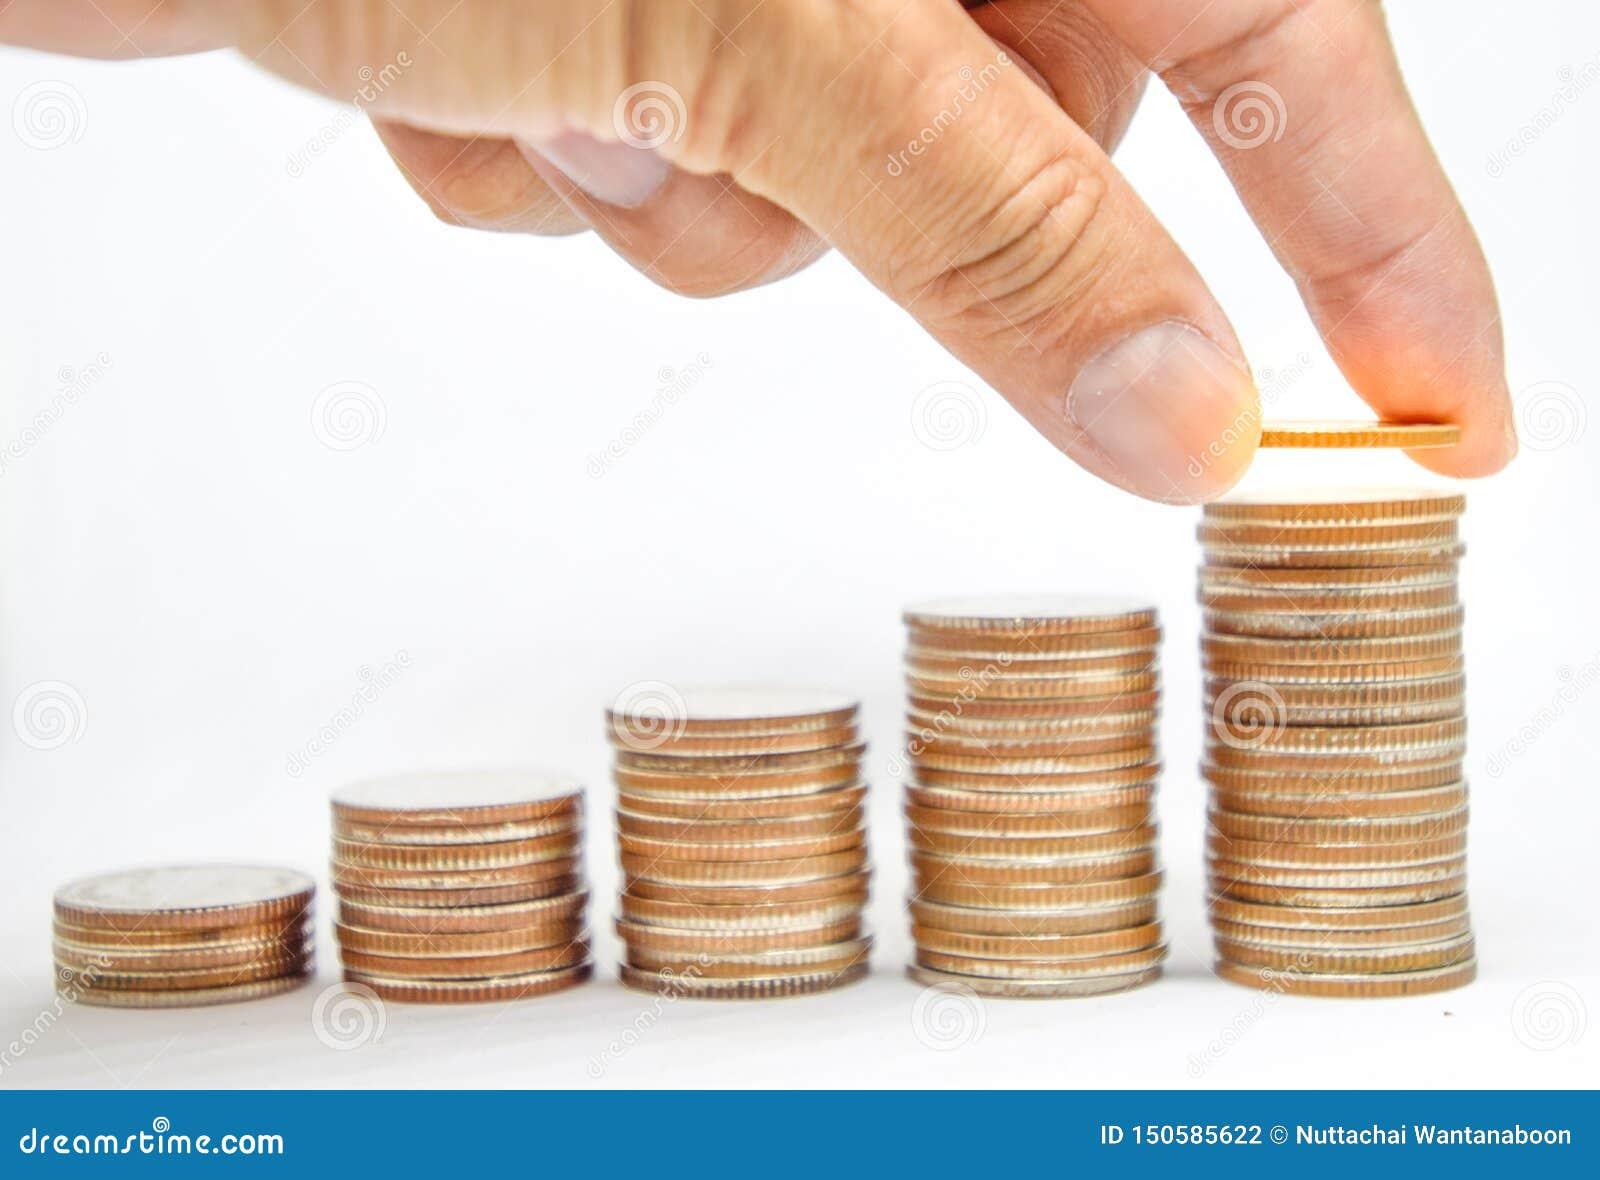 La mano de la gente puso monedas para apilar de las monedas, inversión de planificadores financieros, el salto de la inversión, a